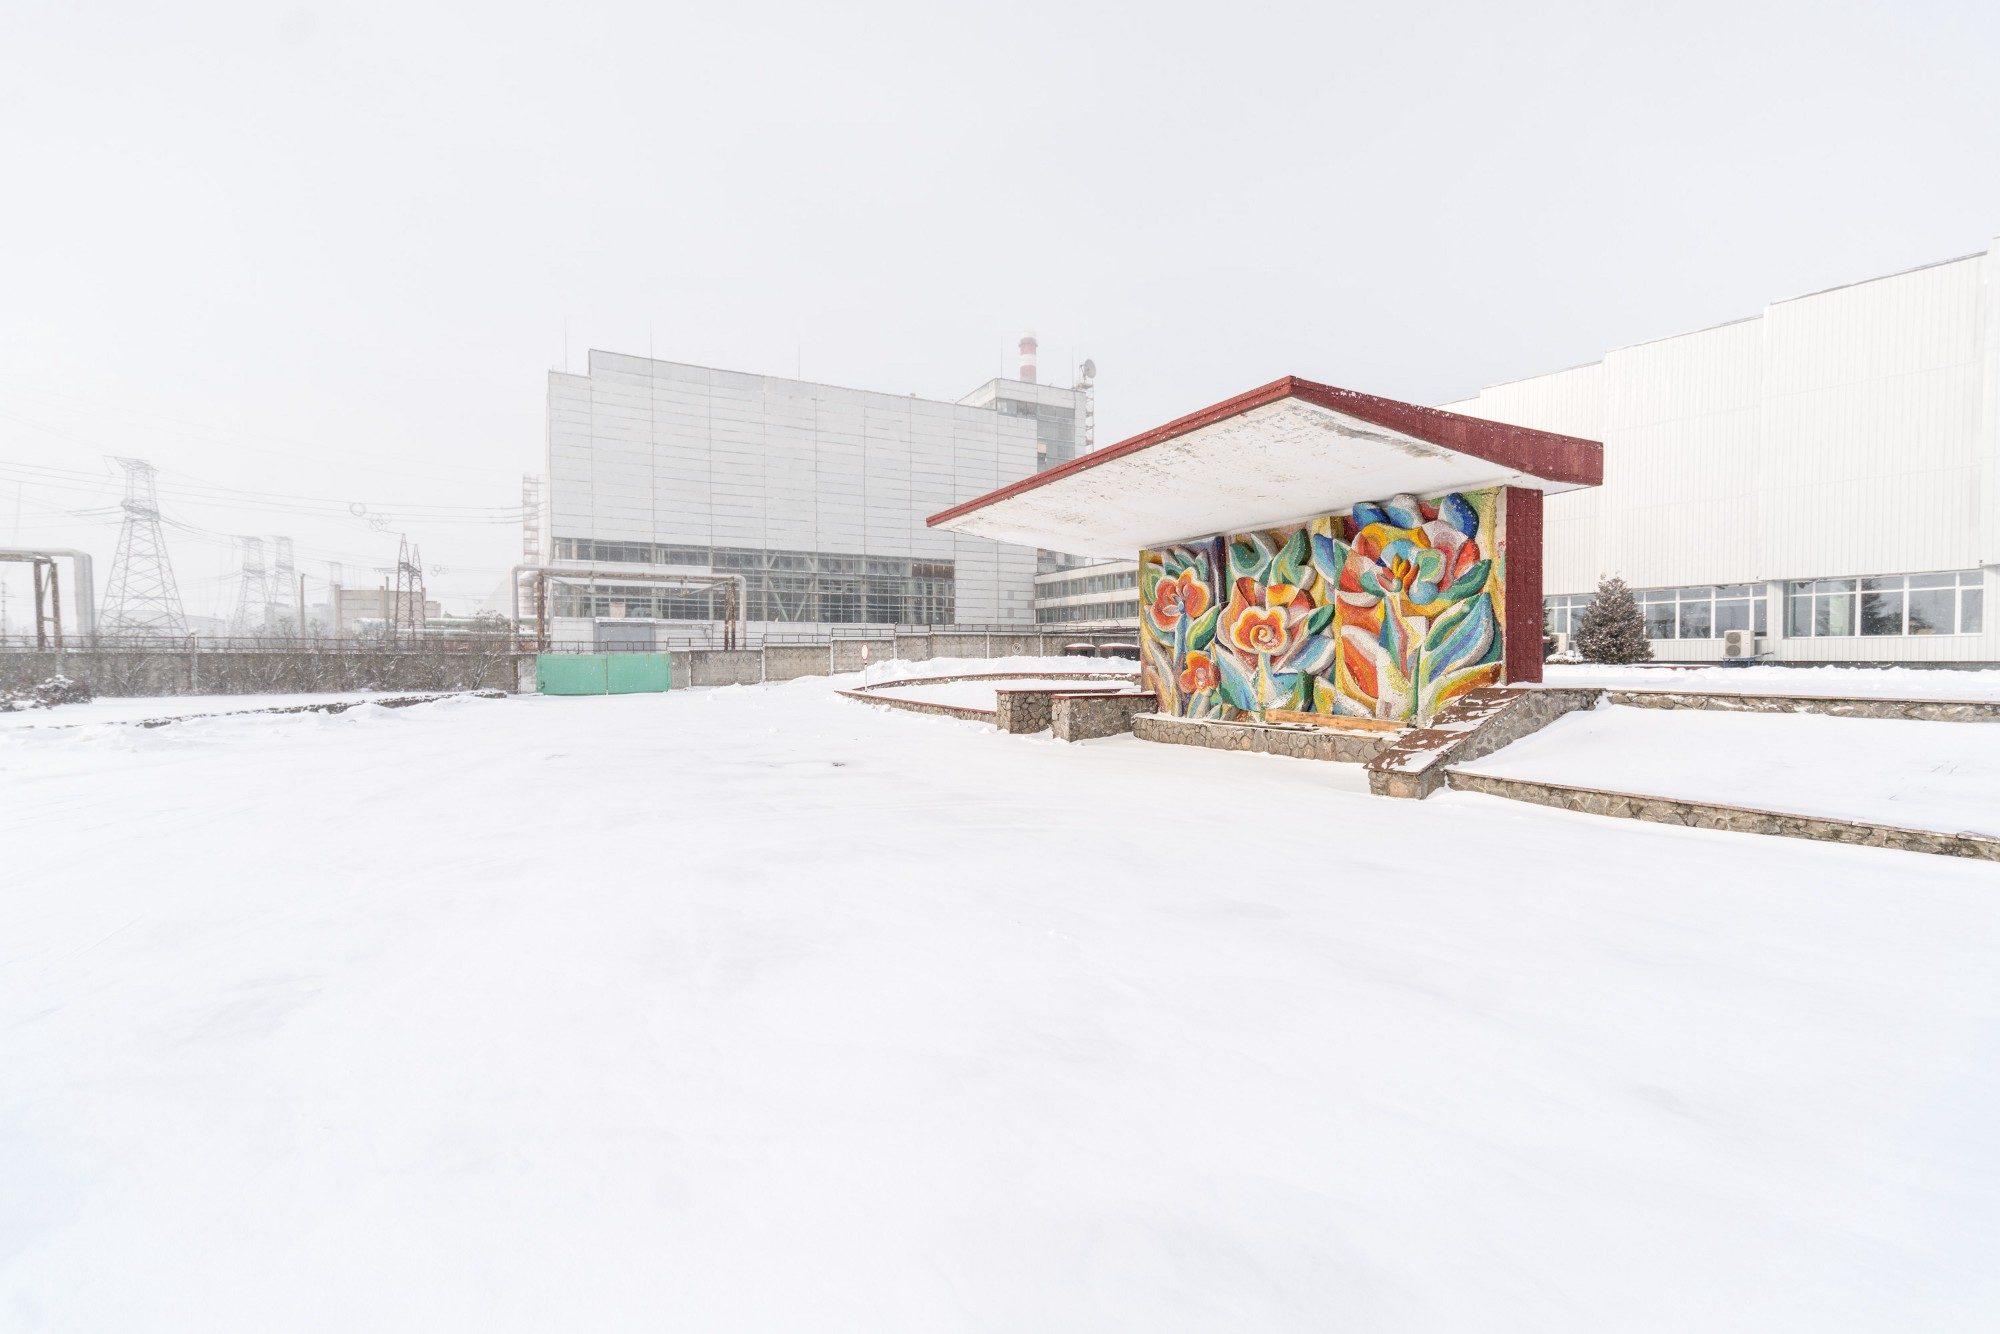 Палаци людей - станції Київського метро -  - Zupynku CHornobyl 2000x1334